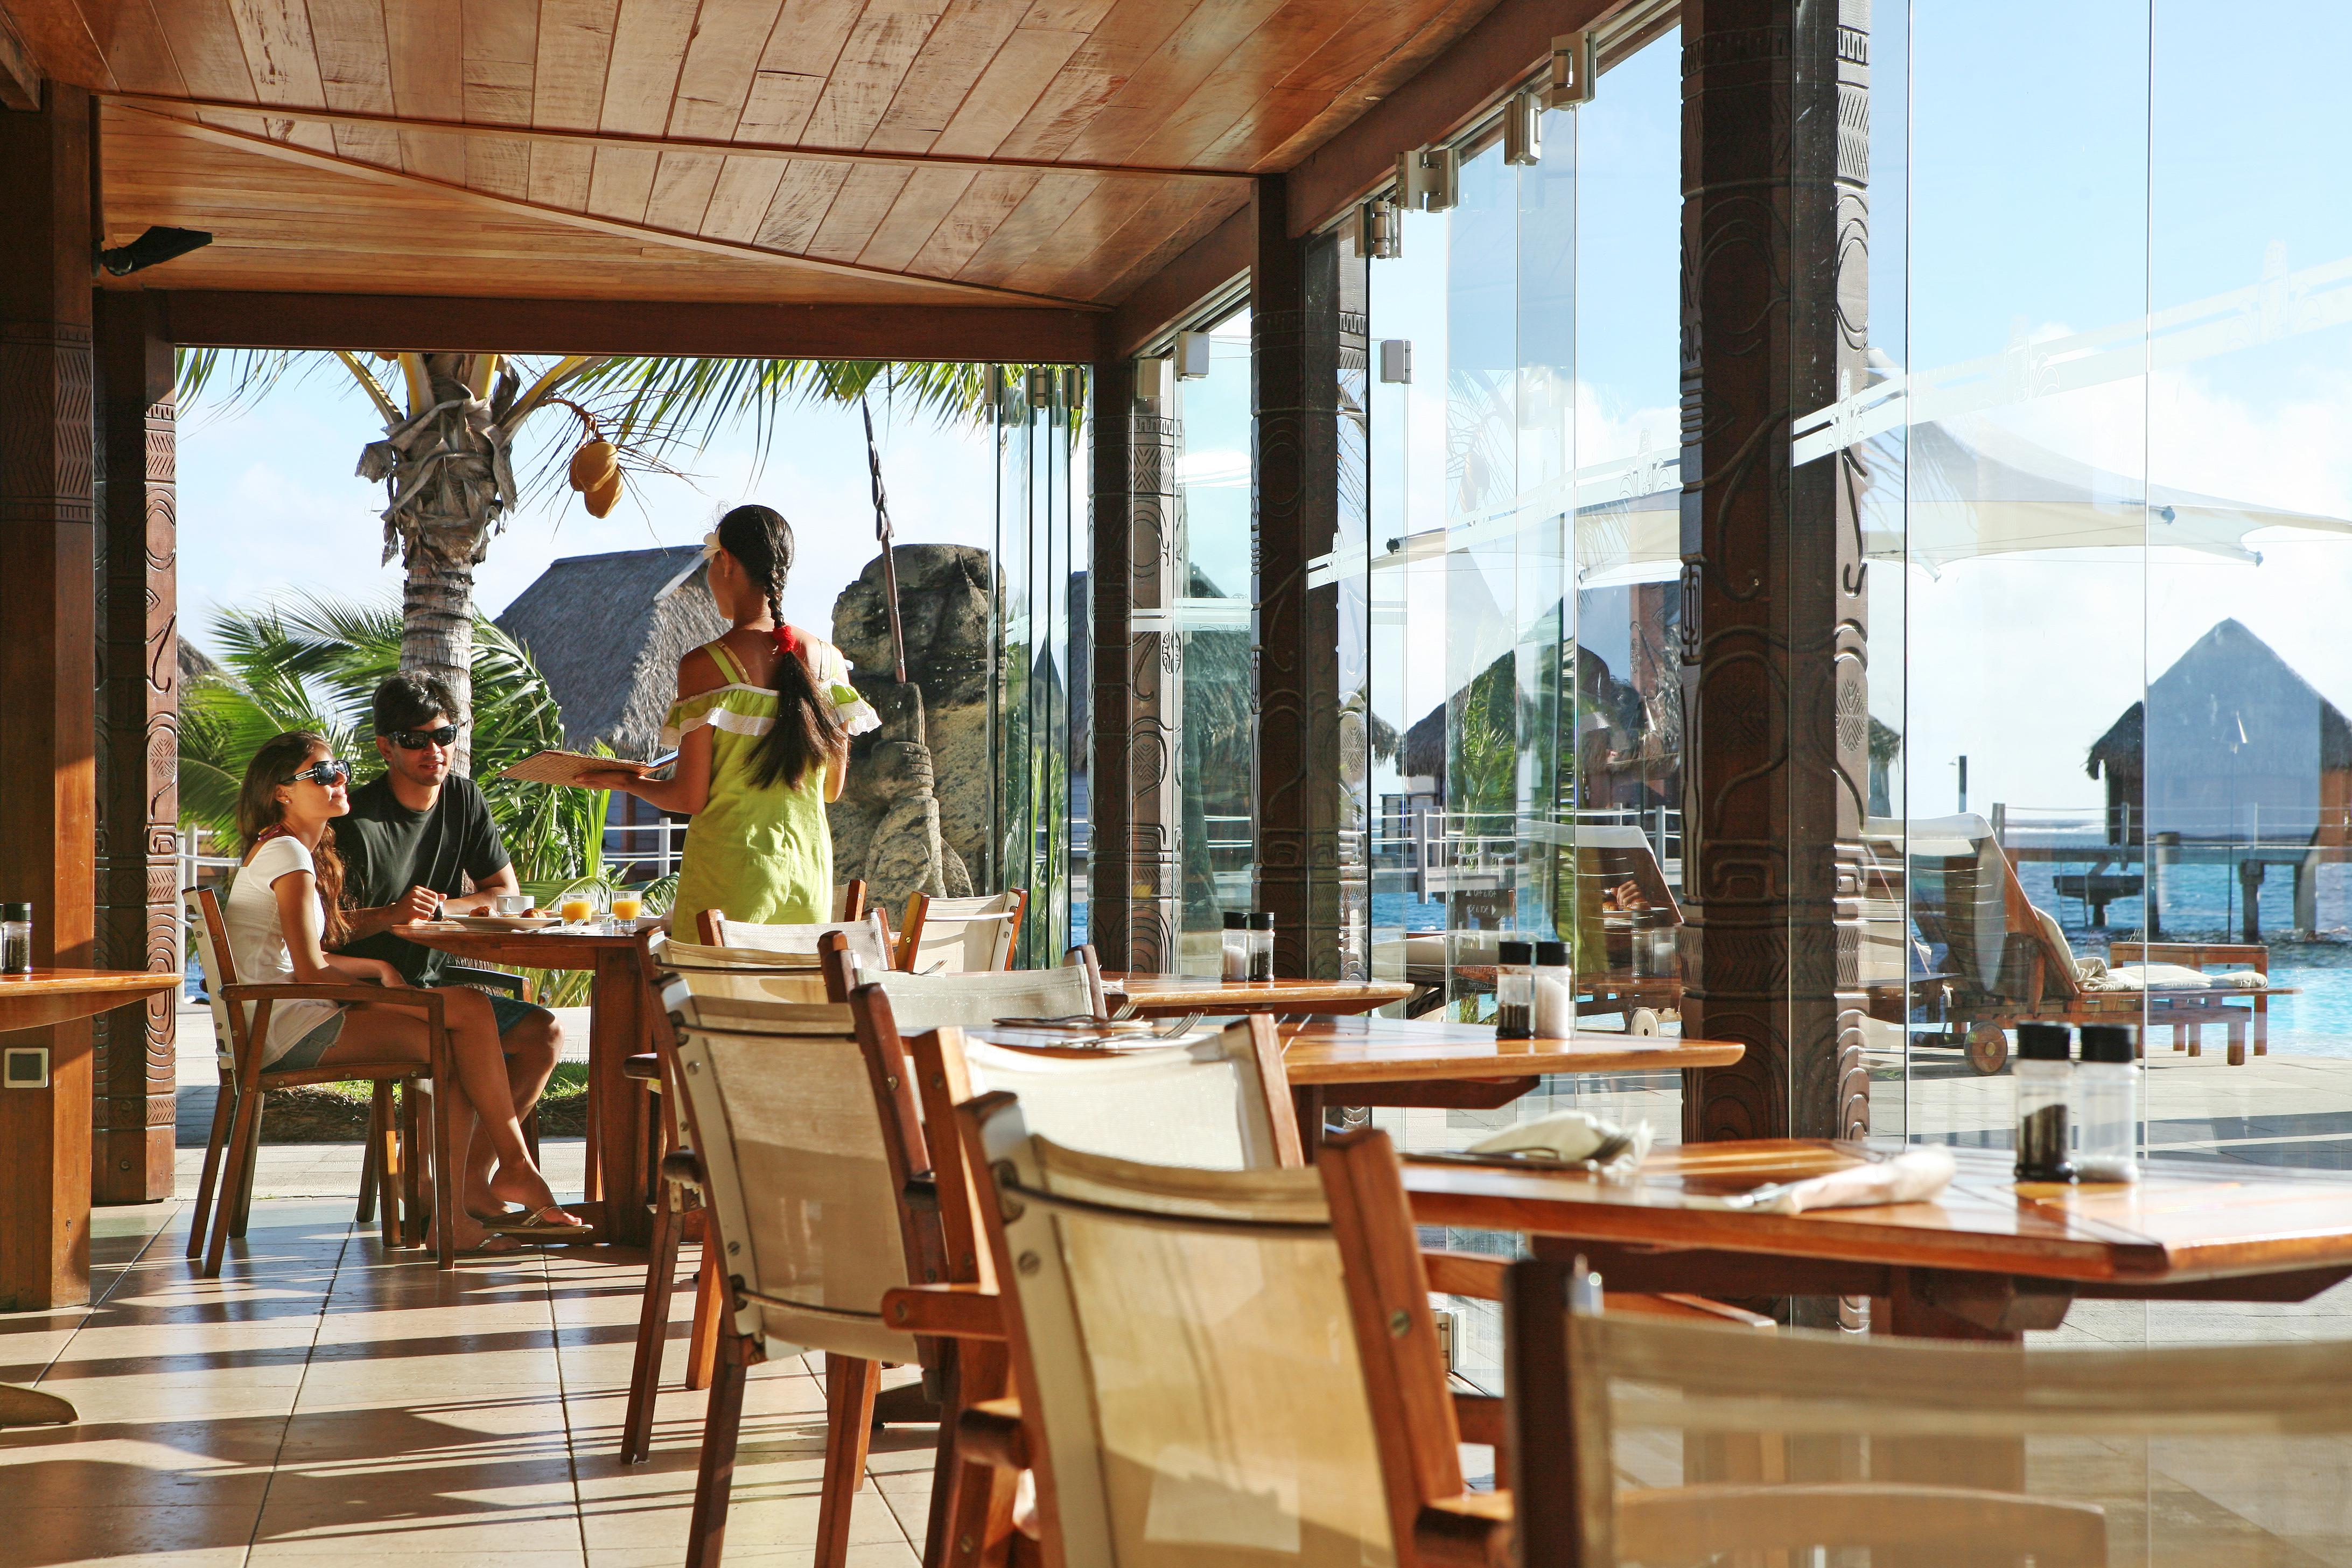 https://tahititourisme.de/wp-content/uploads/2018/03/RESTAURATION-Restaurant-Mahanai-3-Greg_LeBacon.jpg